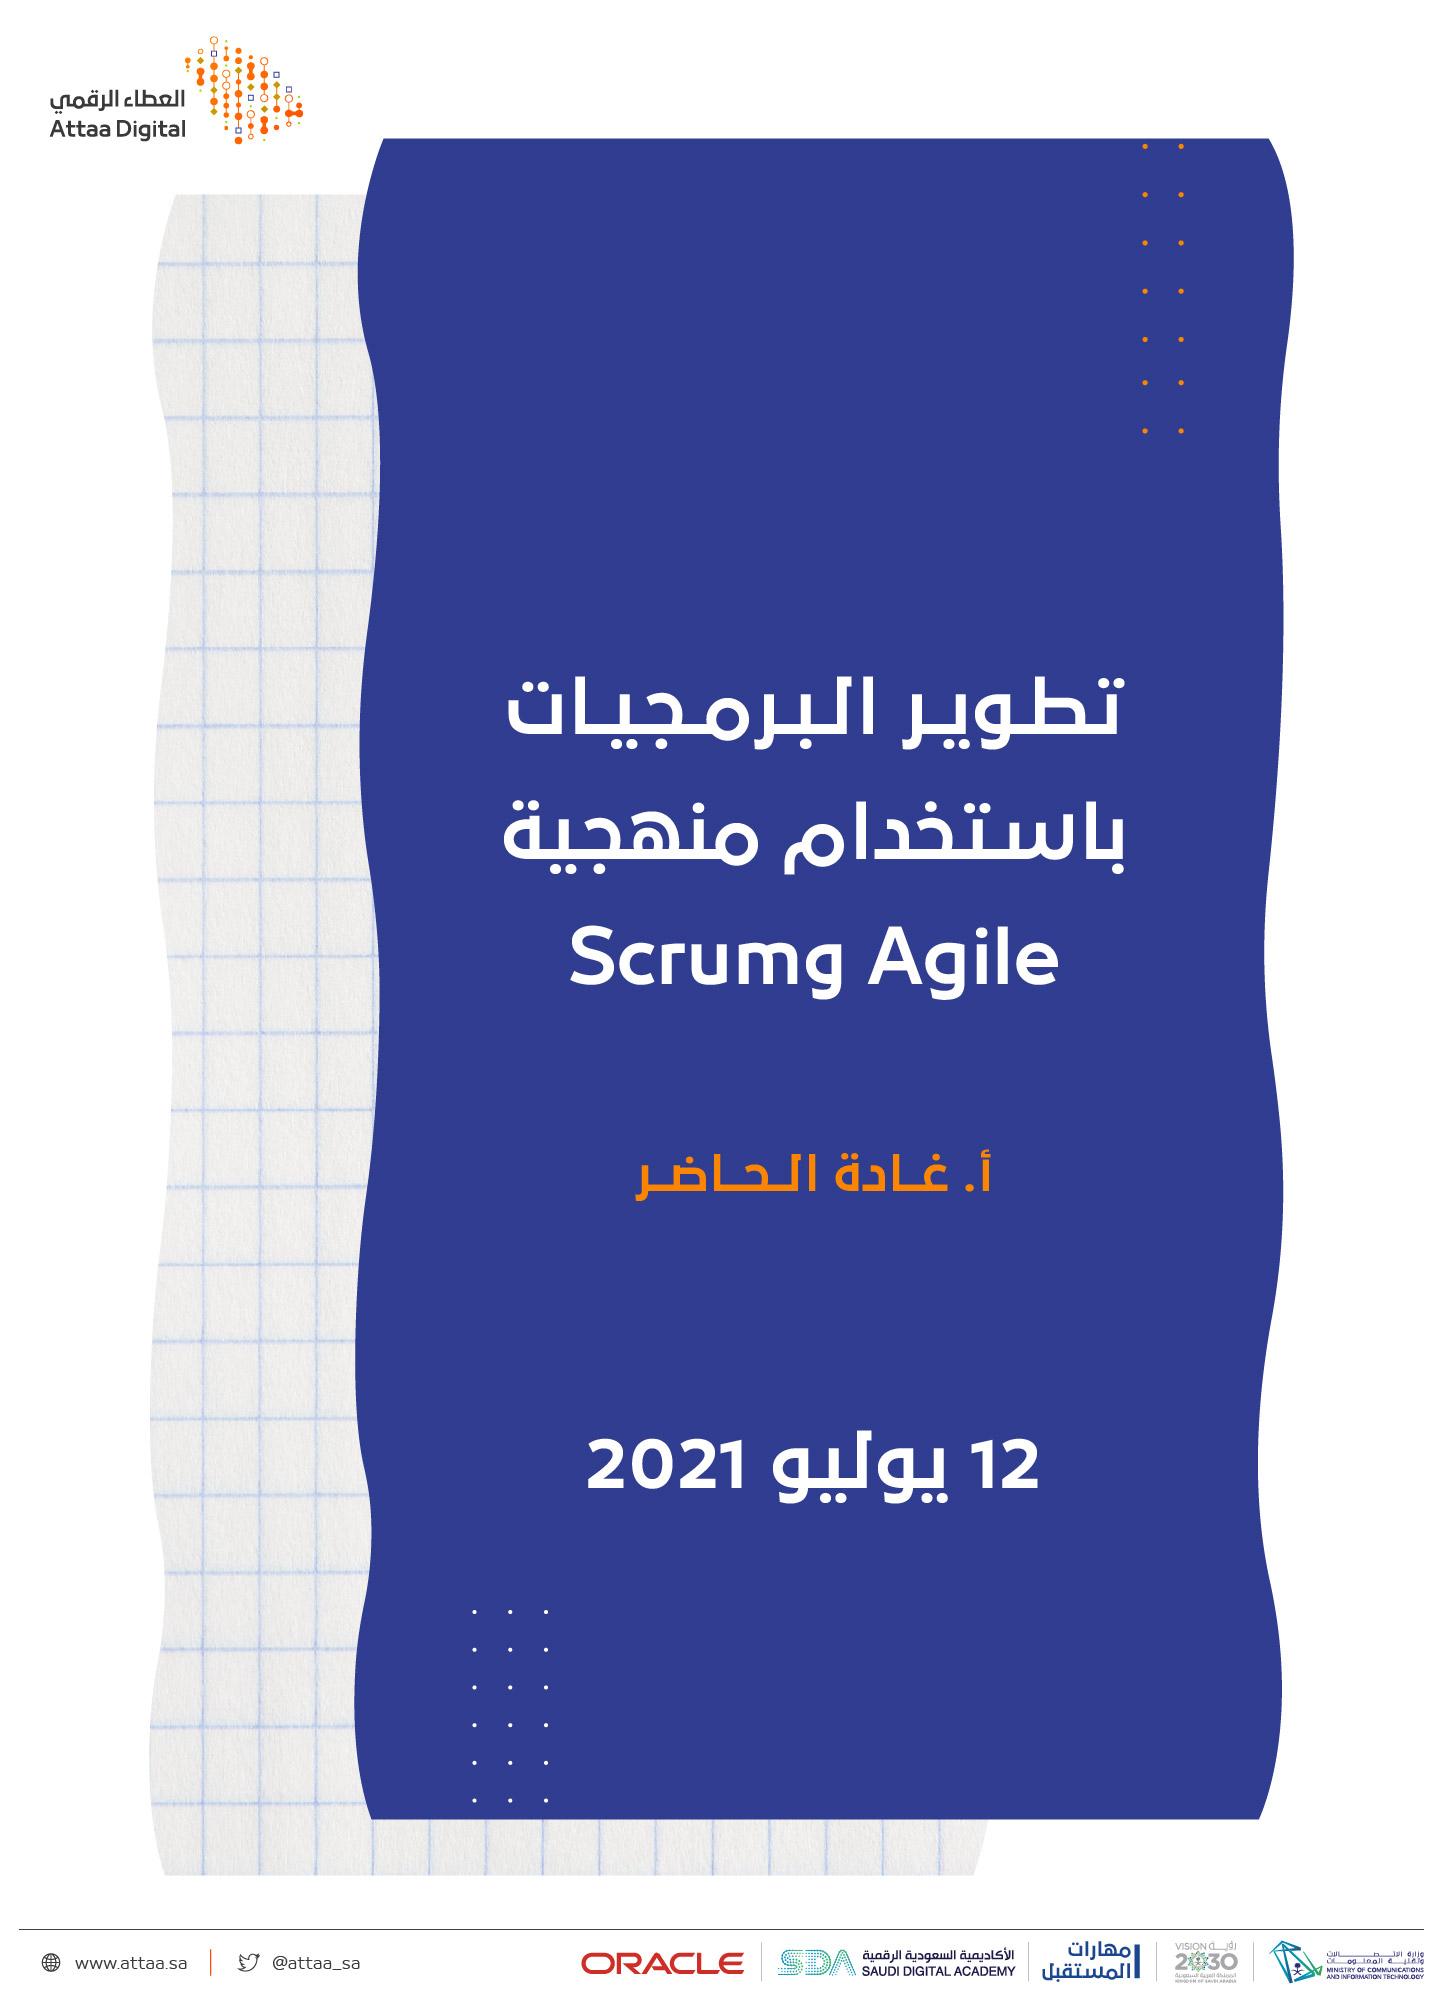 تطوير البرمجيات باستخدام منهجية Agile و Scrum